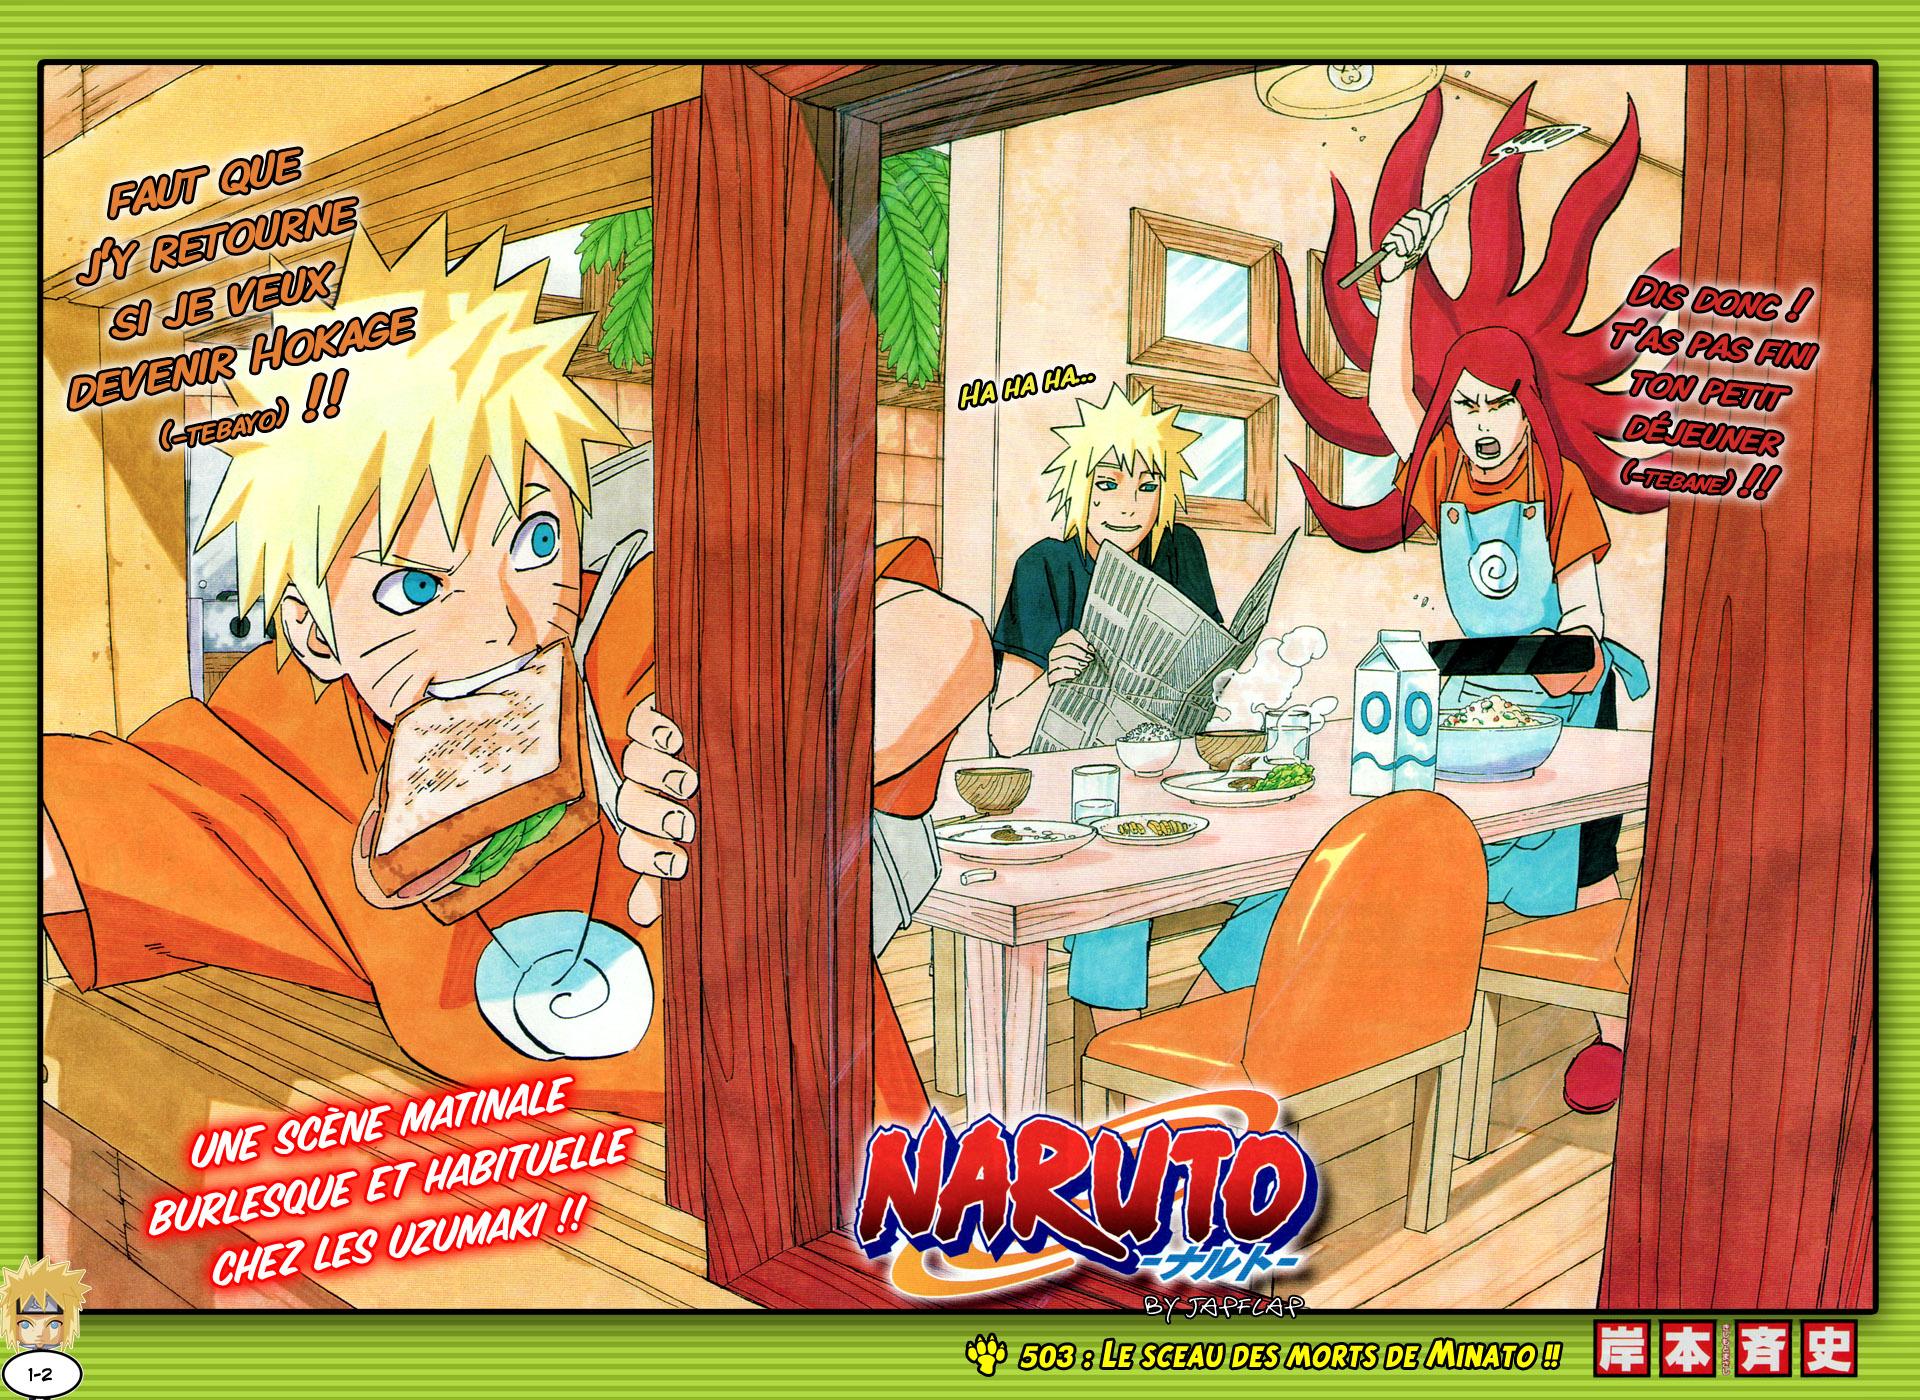 Naruto chapitre 503 - Page 1